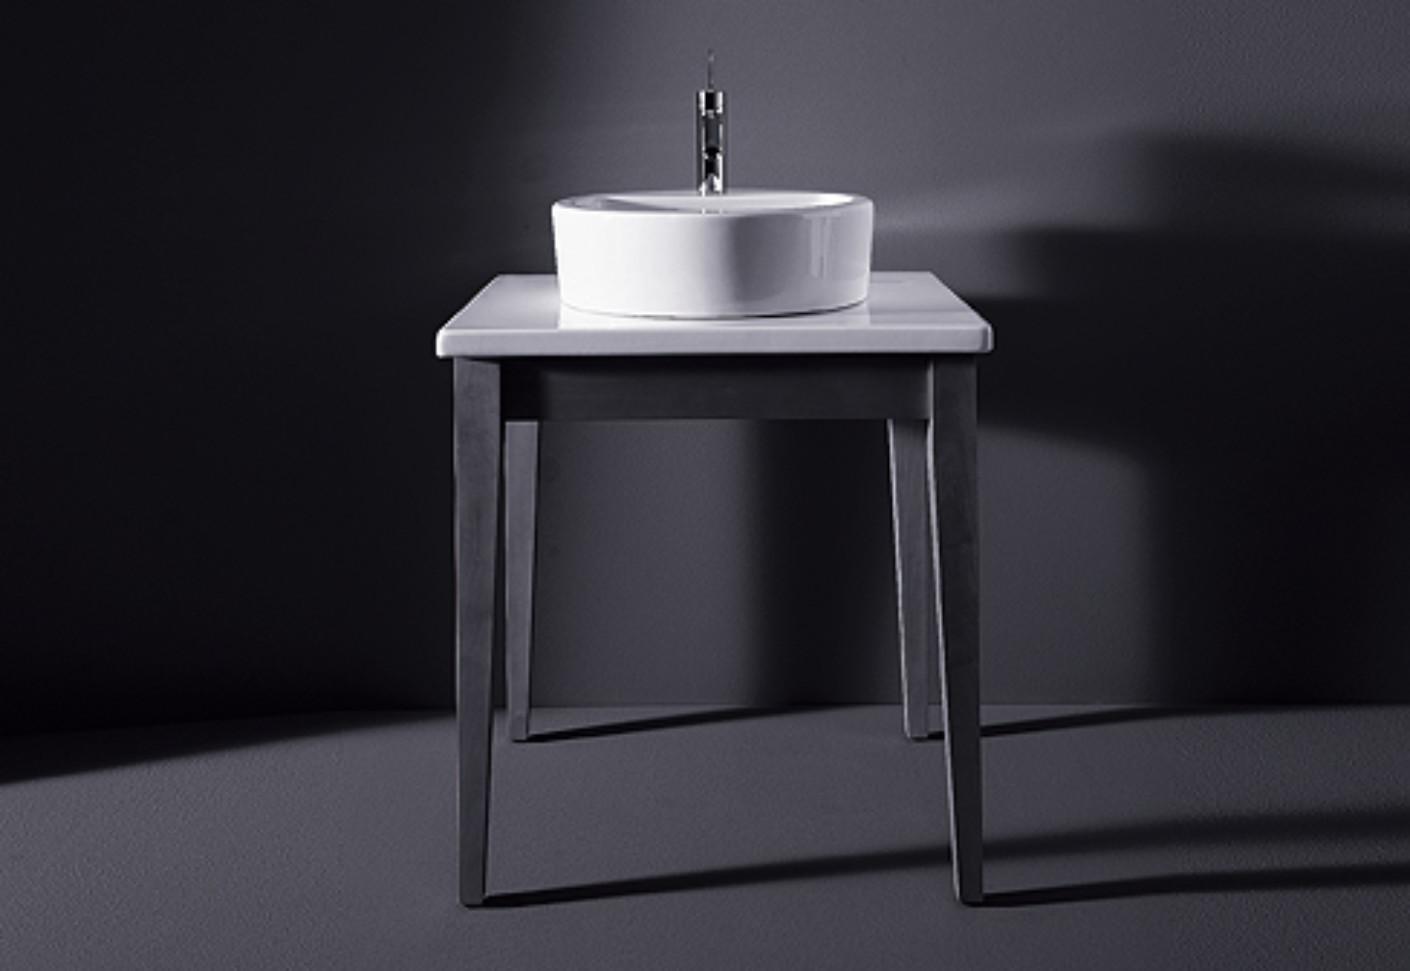 Starck 1 Washbasin by Duravit  STYLEPARK